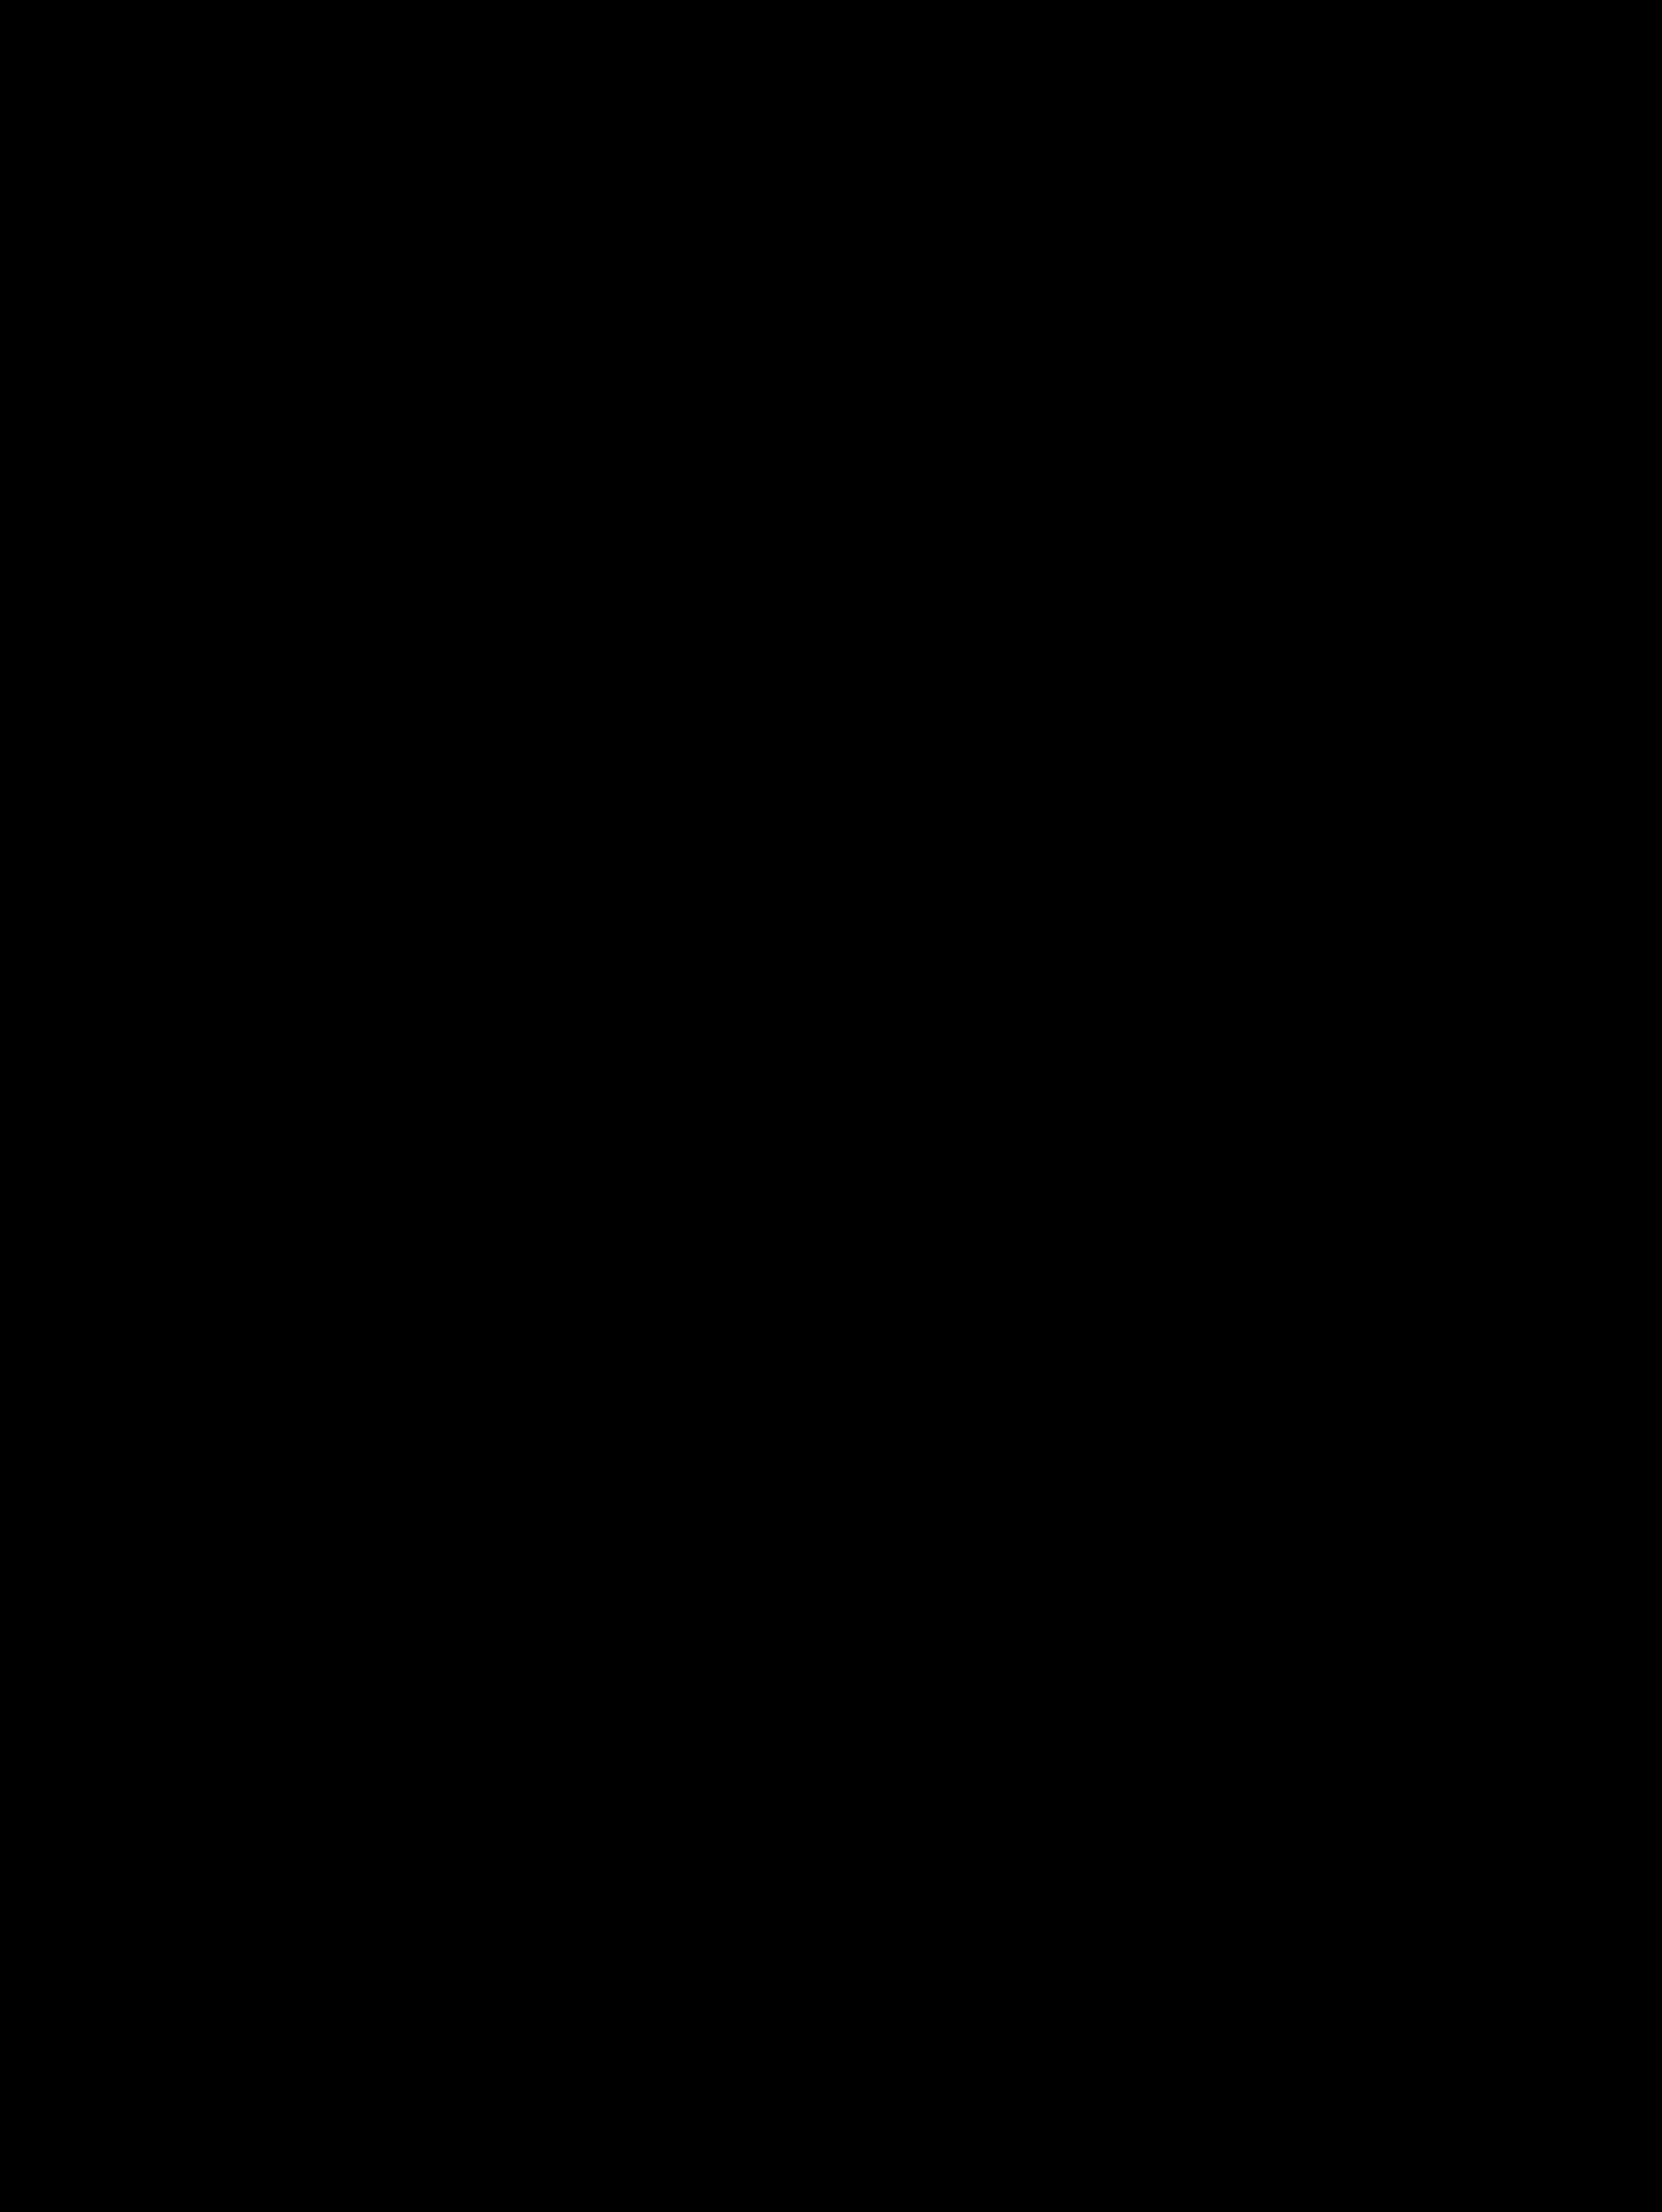 Ch air Aufblasbarer Sessel mit Sitzkissen Sessel